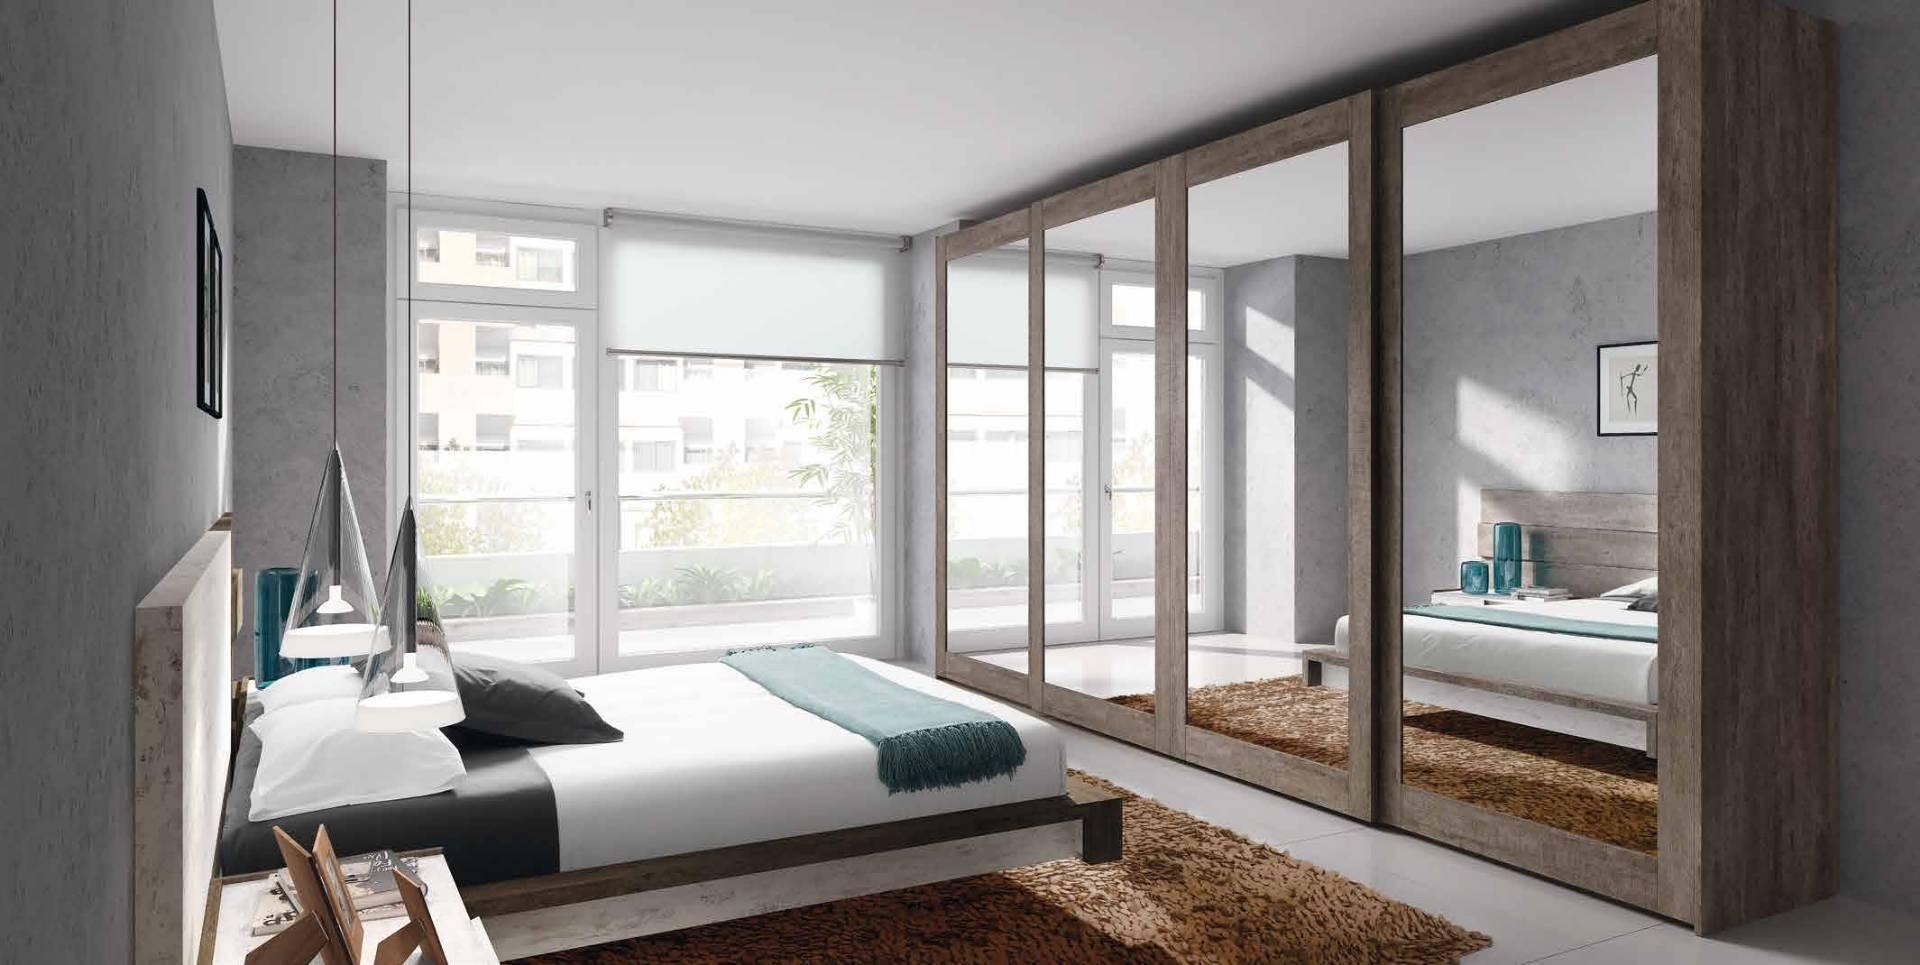 El armario ideal para tu dormitorio armarios dormitorios for Armarios dormitorio matrimonio